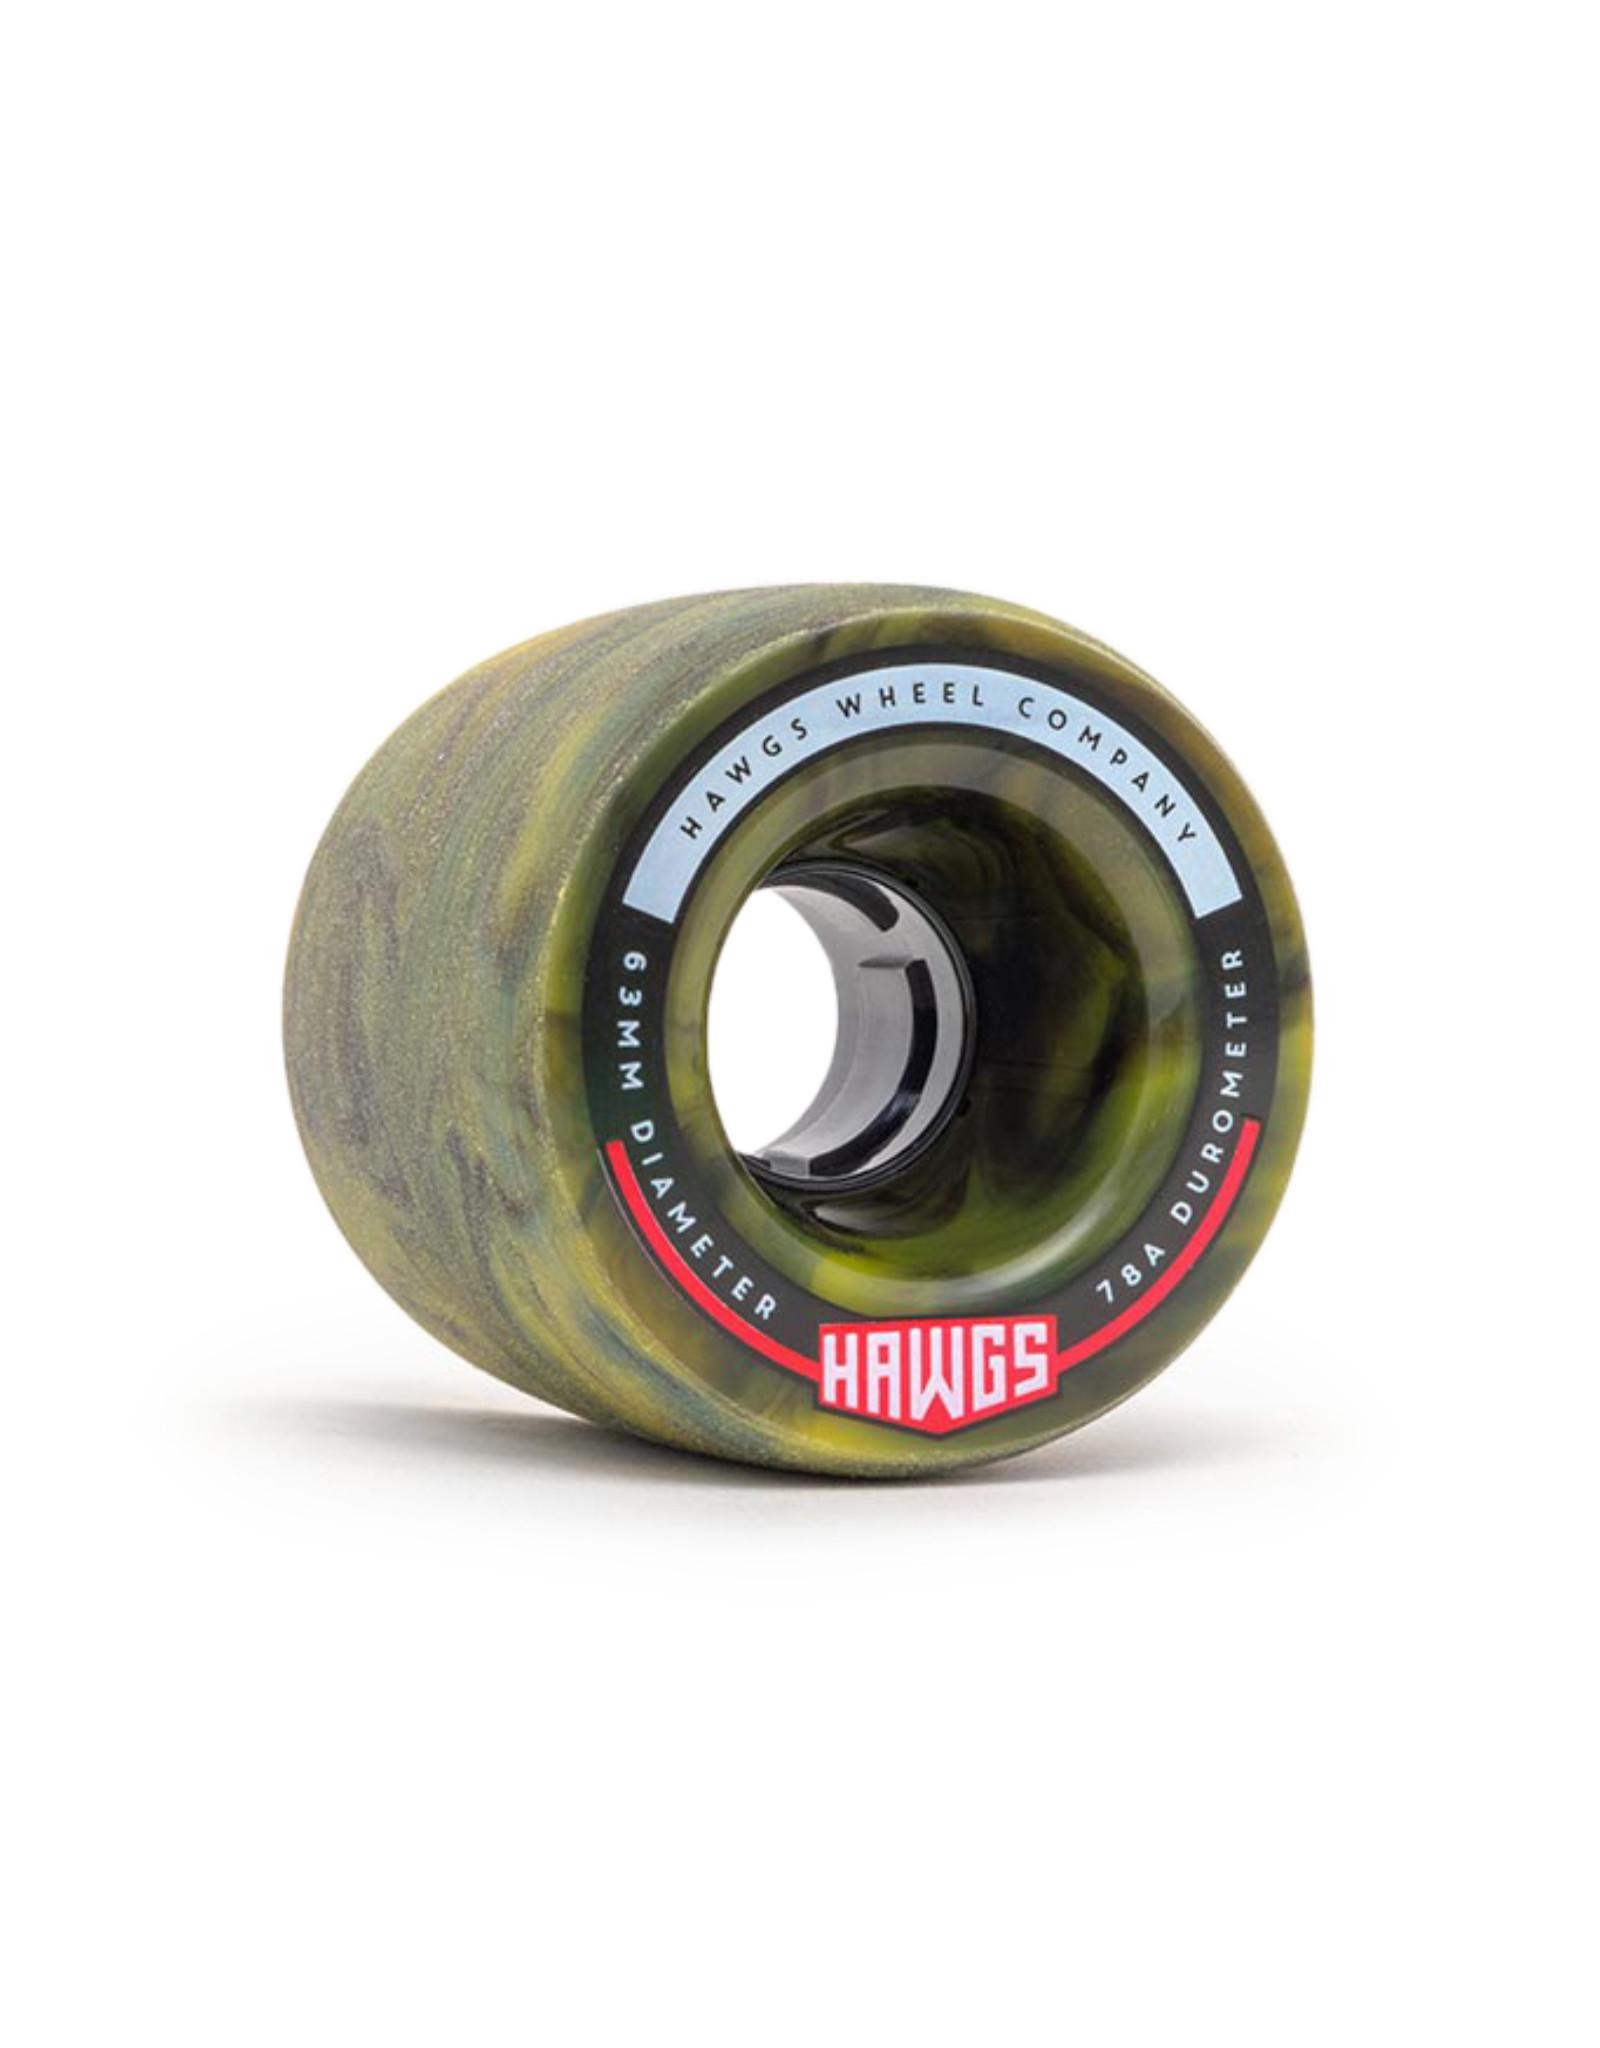 Hawgs Wheels Hawgs Fatty Wheels 63 mm 78A Yellow/Black Swirl Set of 4